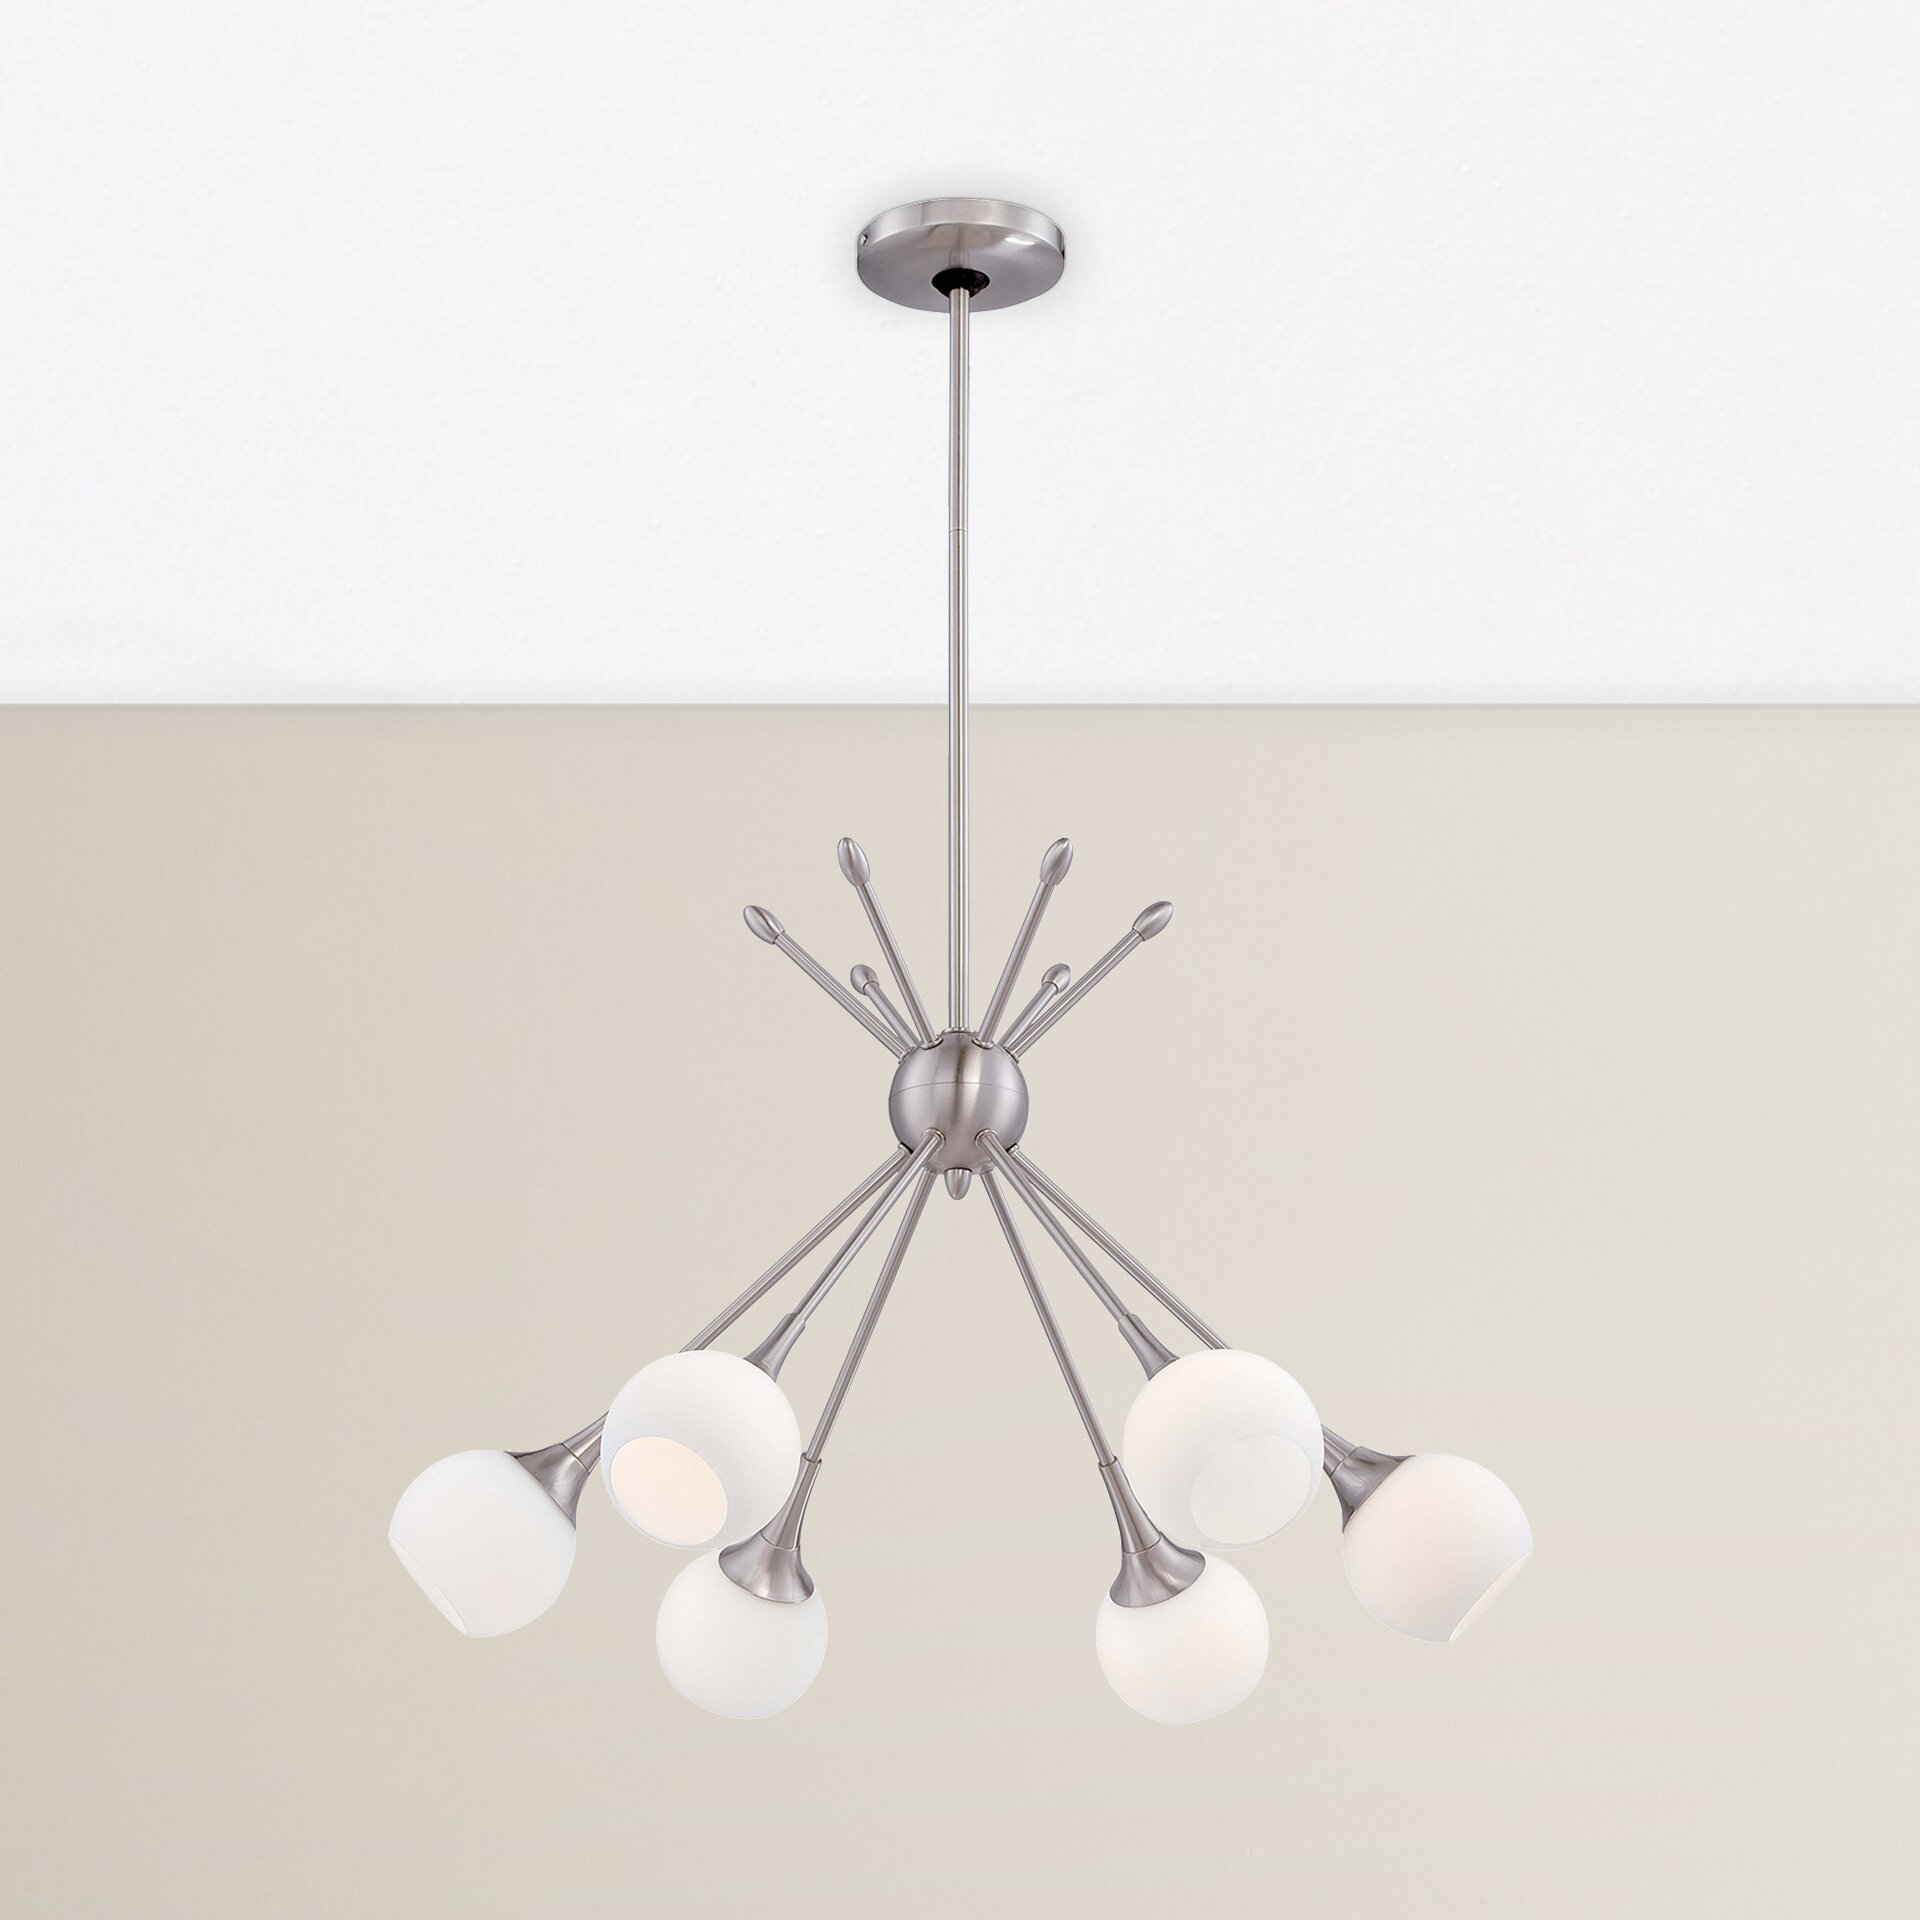 Langley street drexler 6 light sputnik chandelier for Sputnik chandelier